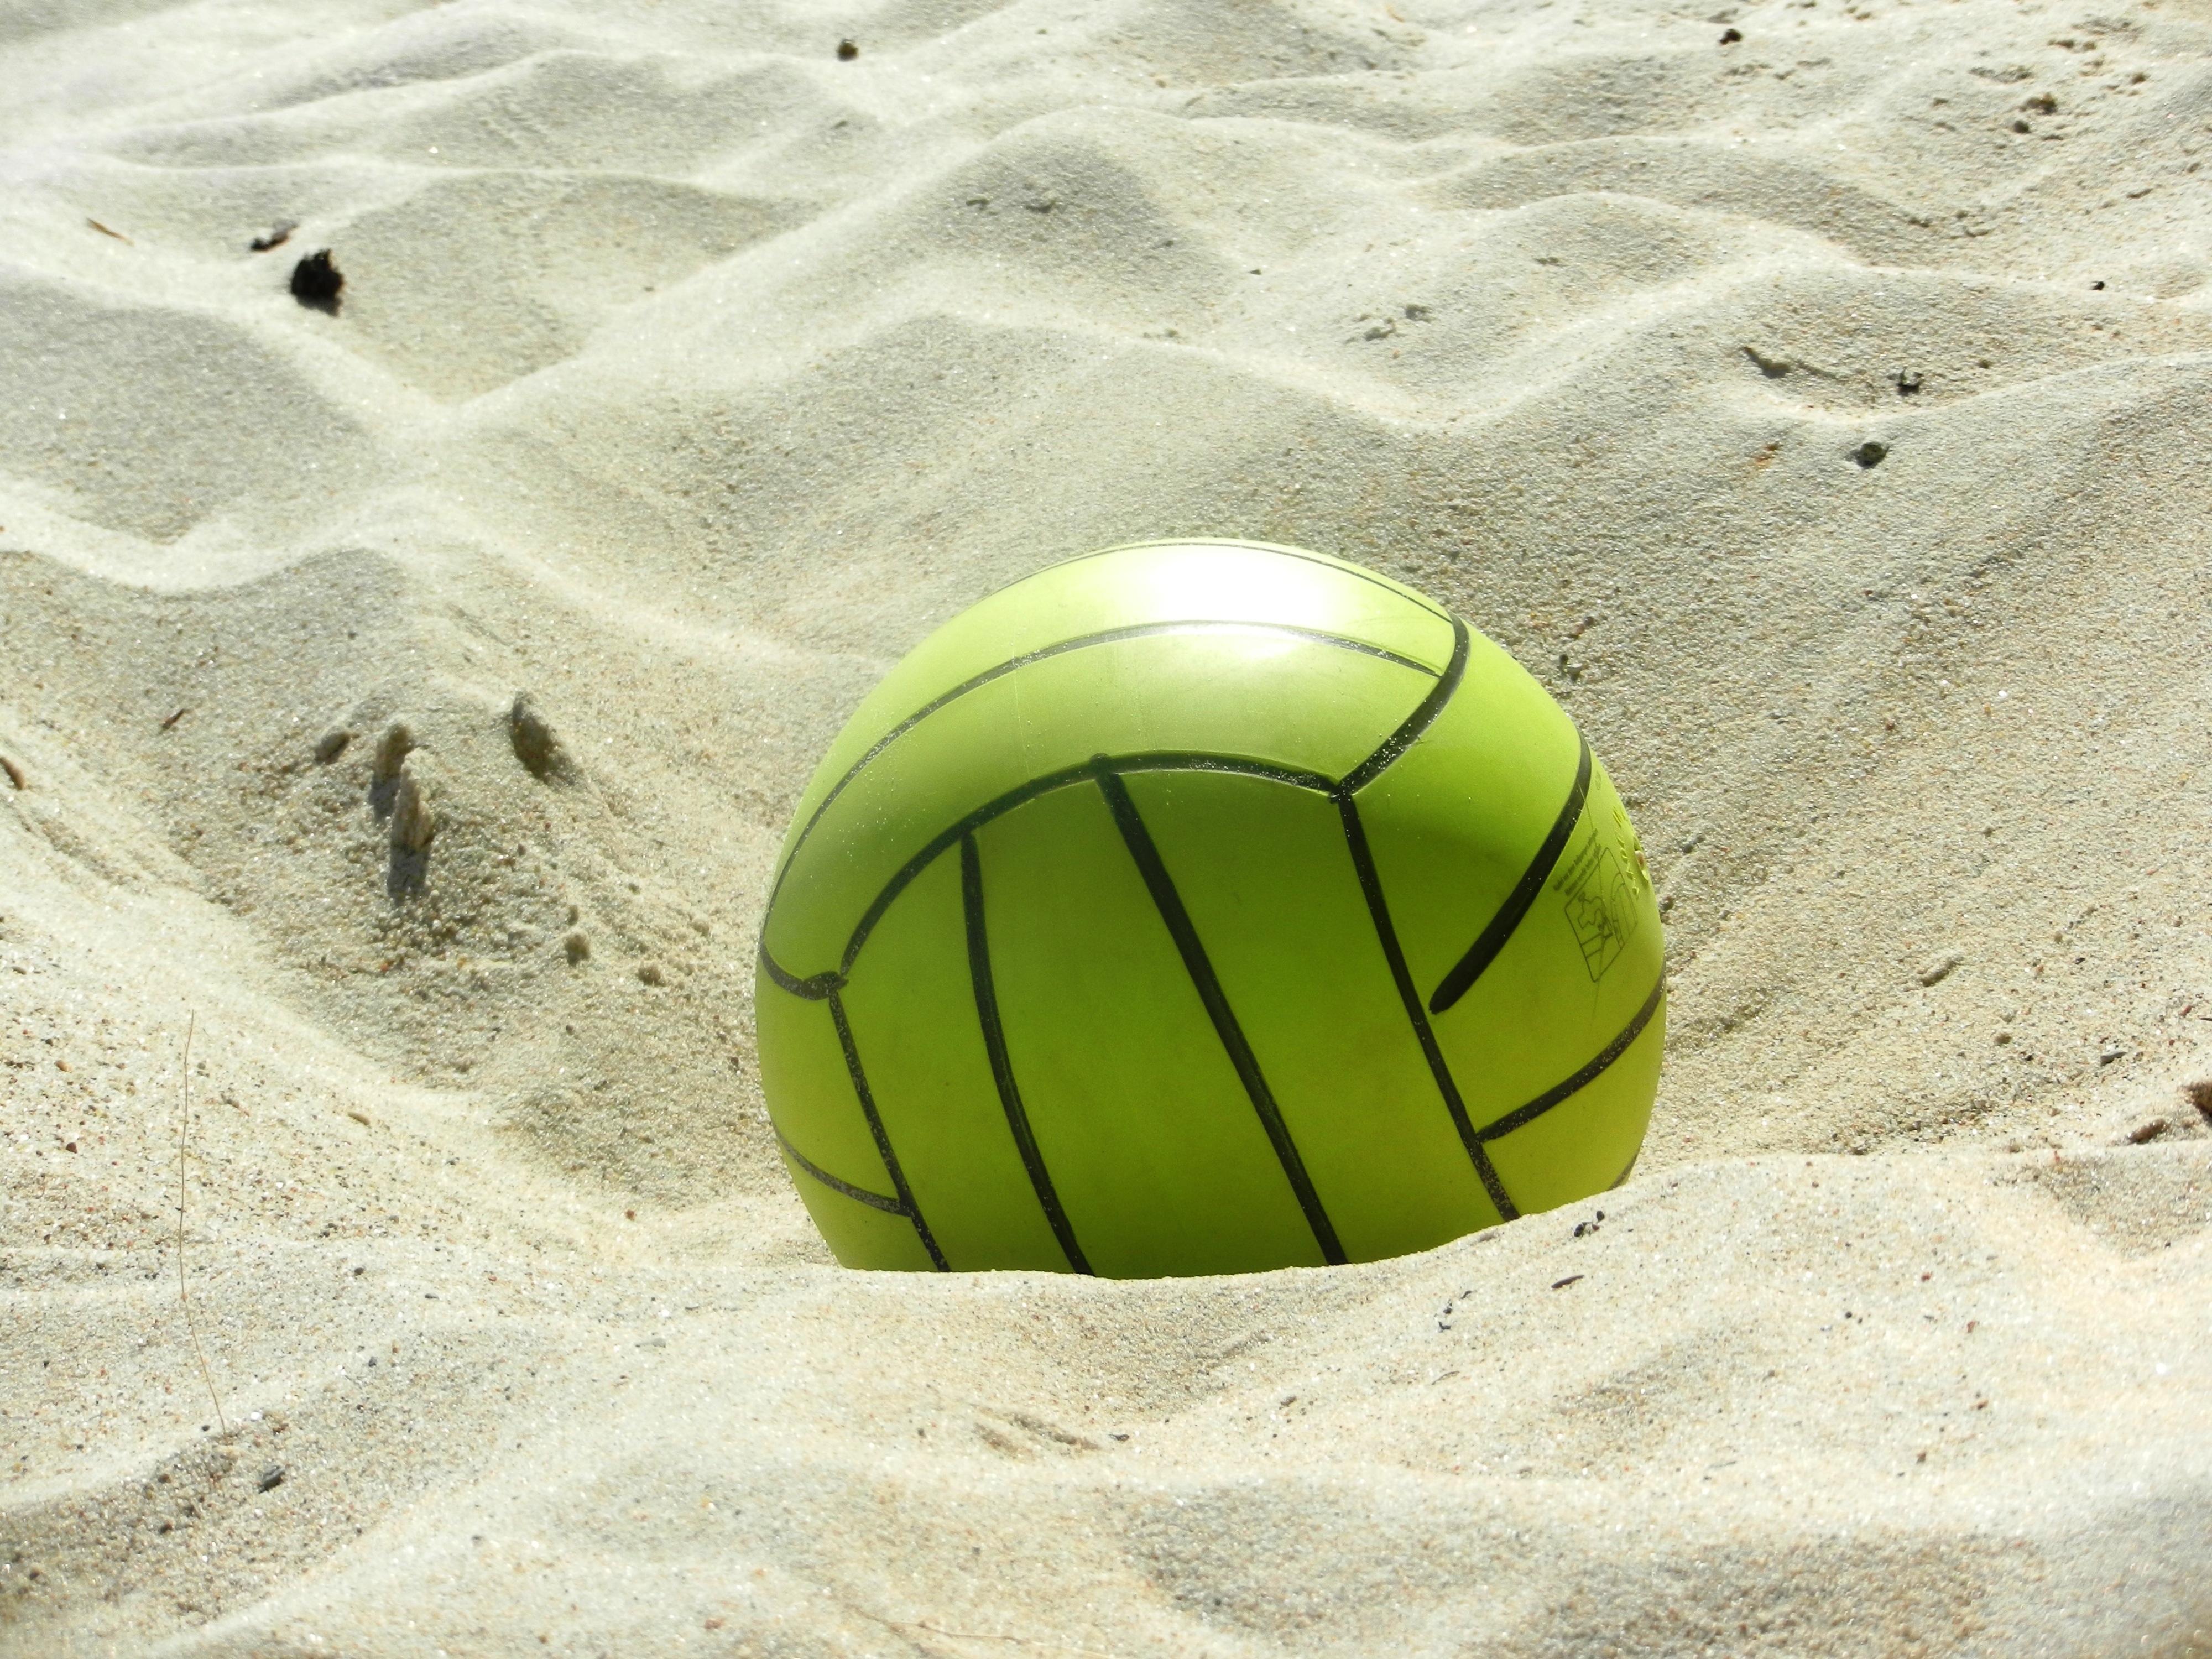 bờ biển cát Môn thể thao lượt xem màu xanh lá bóng đá thiết bị thể